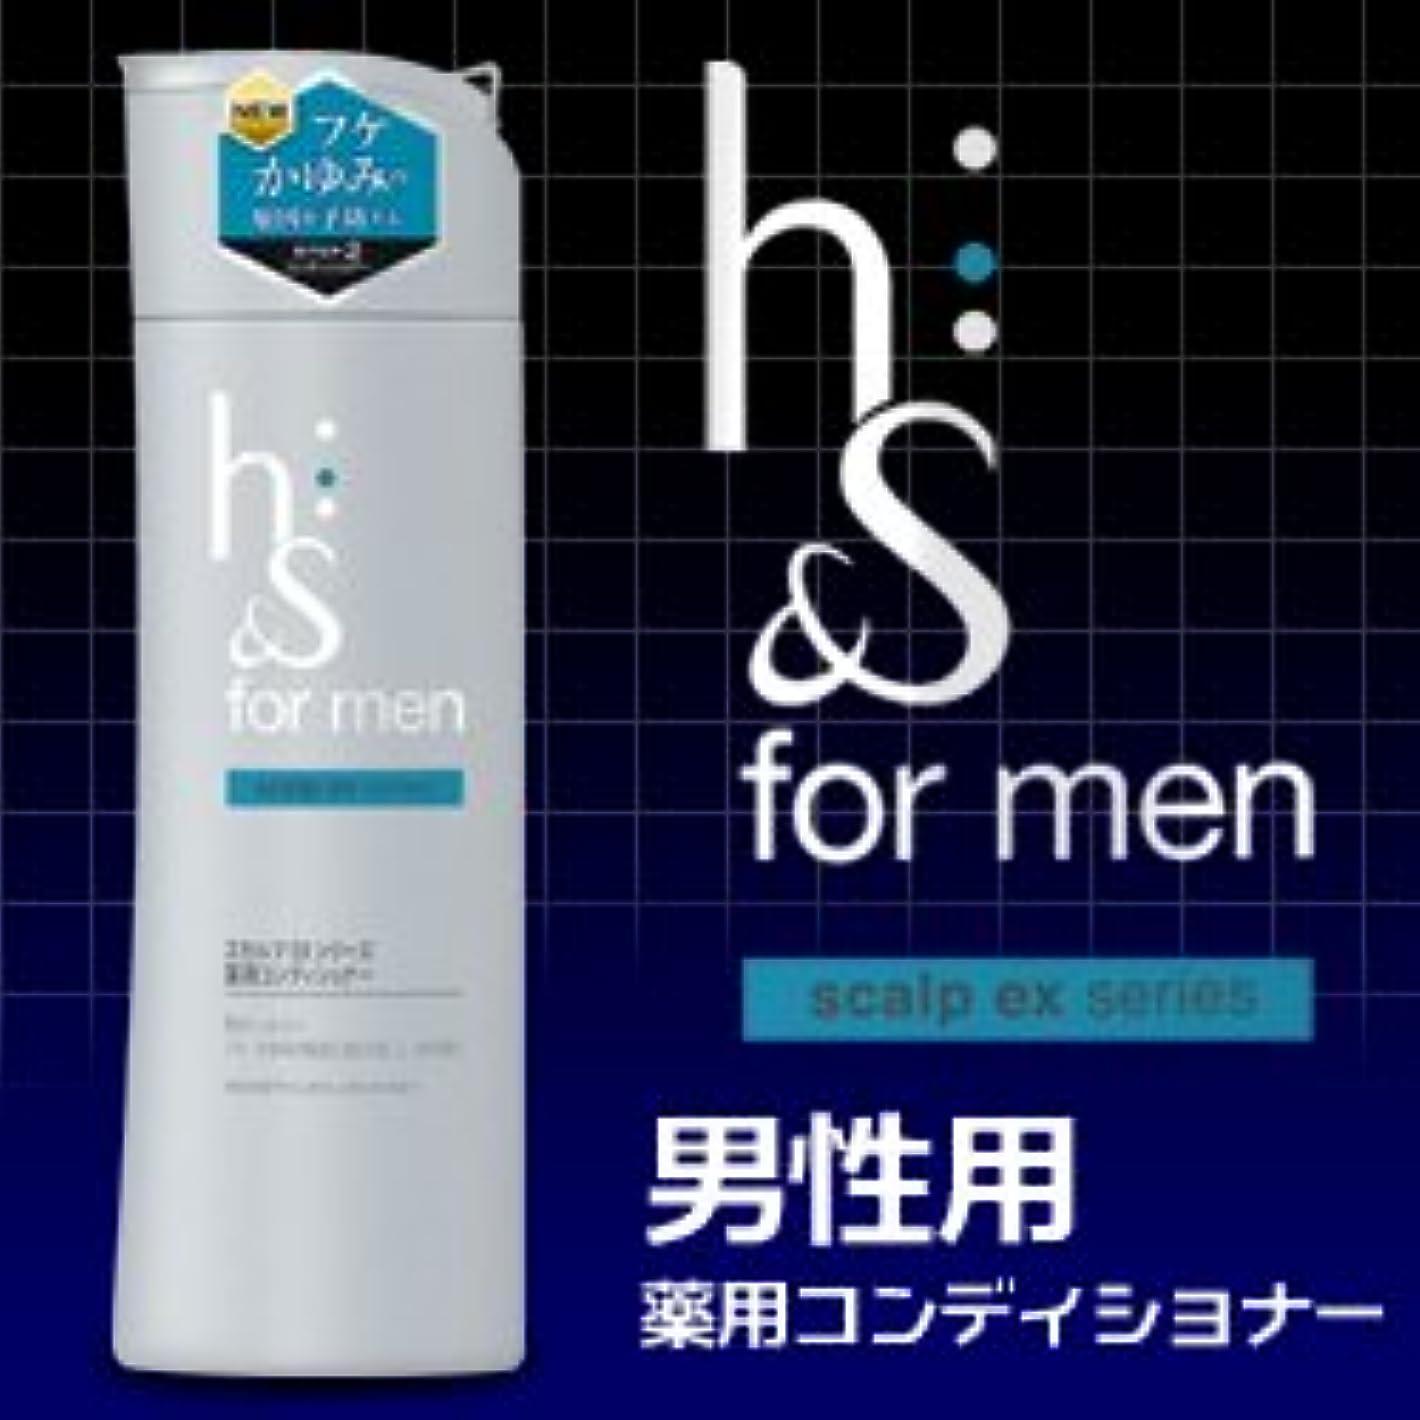 差描写私の【P&G】  男のヘッドスパ 【h&s for men】 スカルプEX 薬用コンディショナー 本体 200g ×20個セット